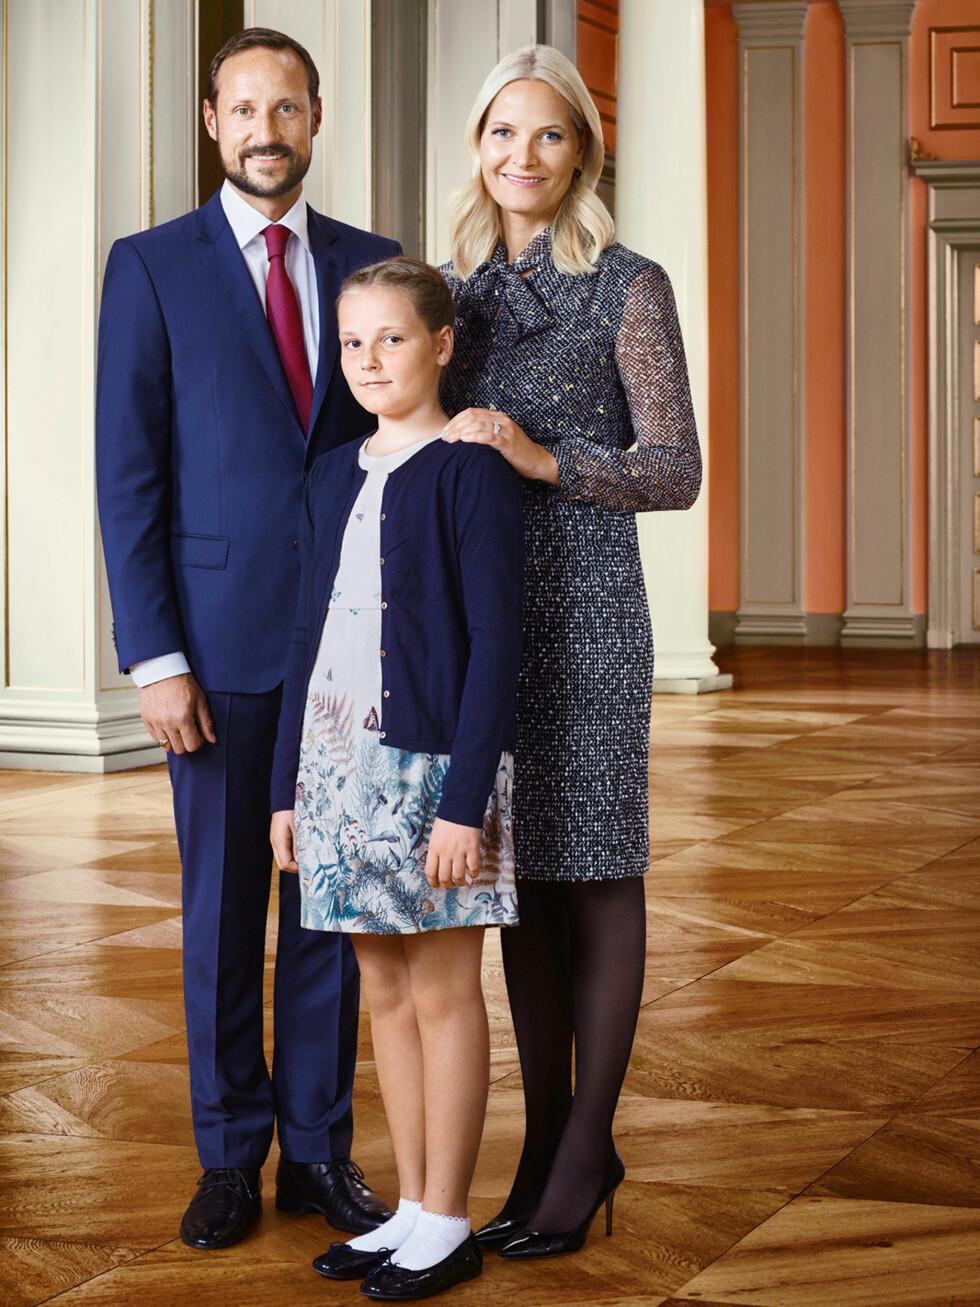 BURSDAGSBARN: Torsdag 21. januar fyller prinsesse Ingrid Alexandra 12 år. Dette bildet er delt i forbindelse med fødselsdagen, og viser to stolte foreldre med sitt skjønne bursdagsbarn. Foto: Jørgen Gomnæs / Kongehuset.no